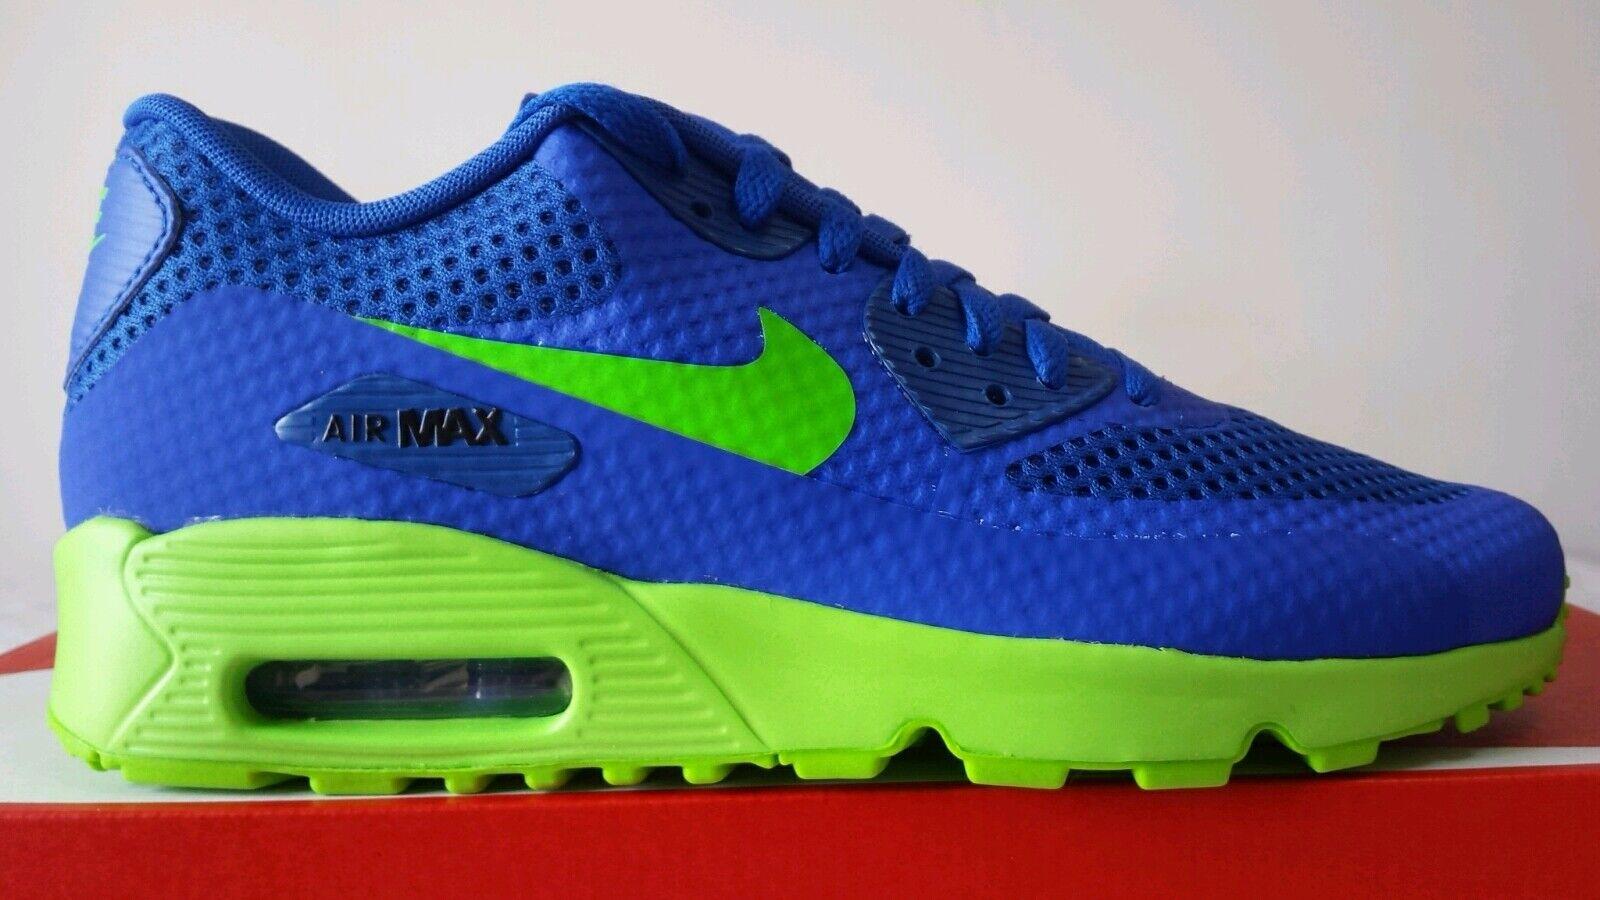 Nike air max Abbigliamento uomo a Genova Kijiji: Annunci